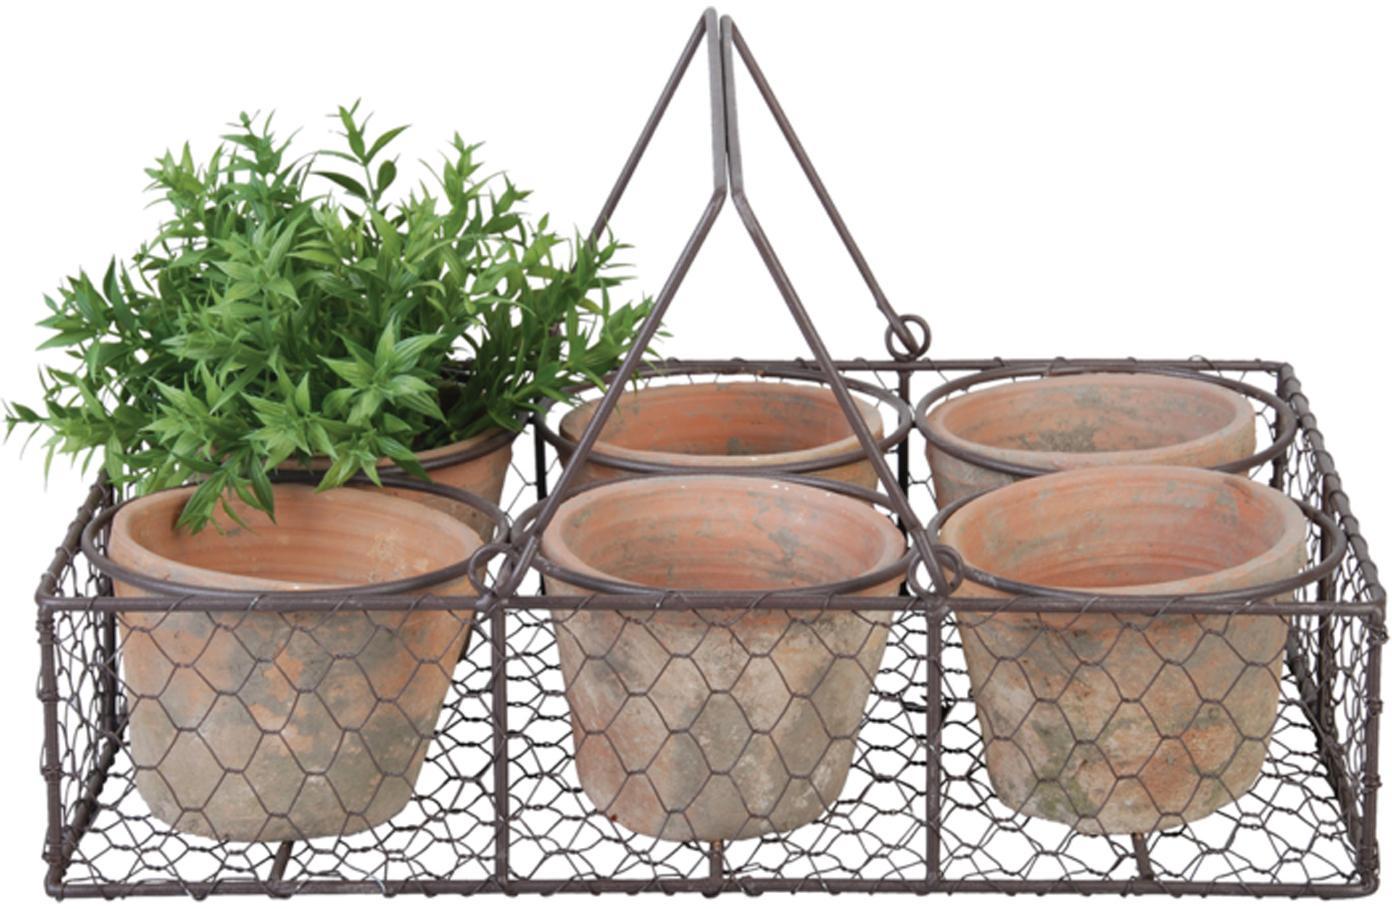 Plantenpottenset Daria, 7-delig, Metaal, terracotta, Terracottarood, zwart, 37 x 11 cm